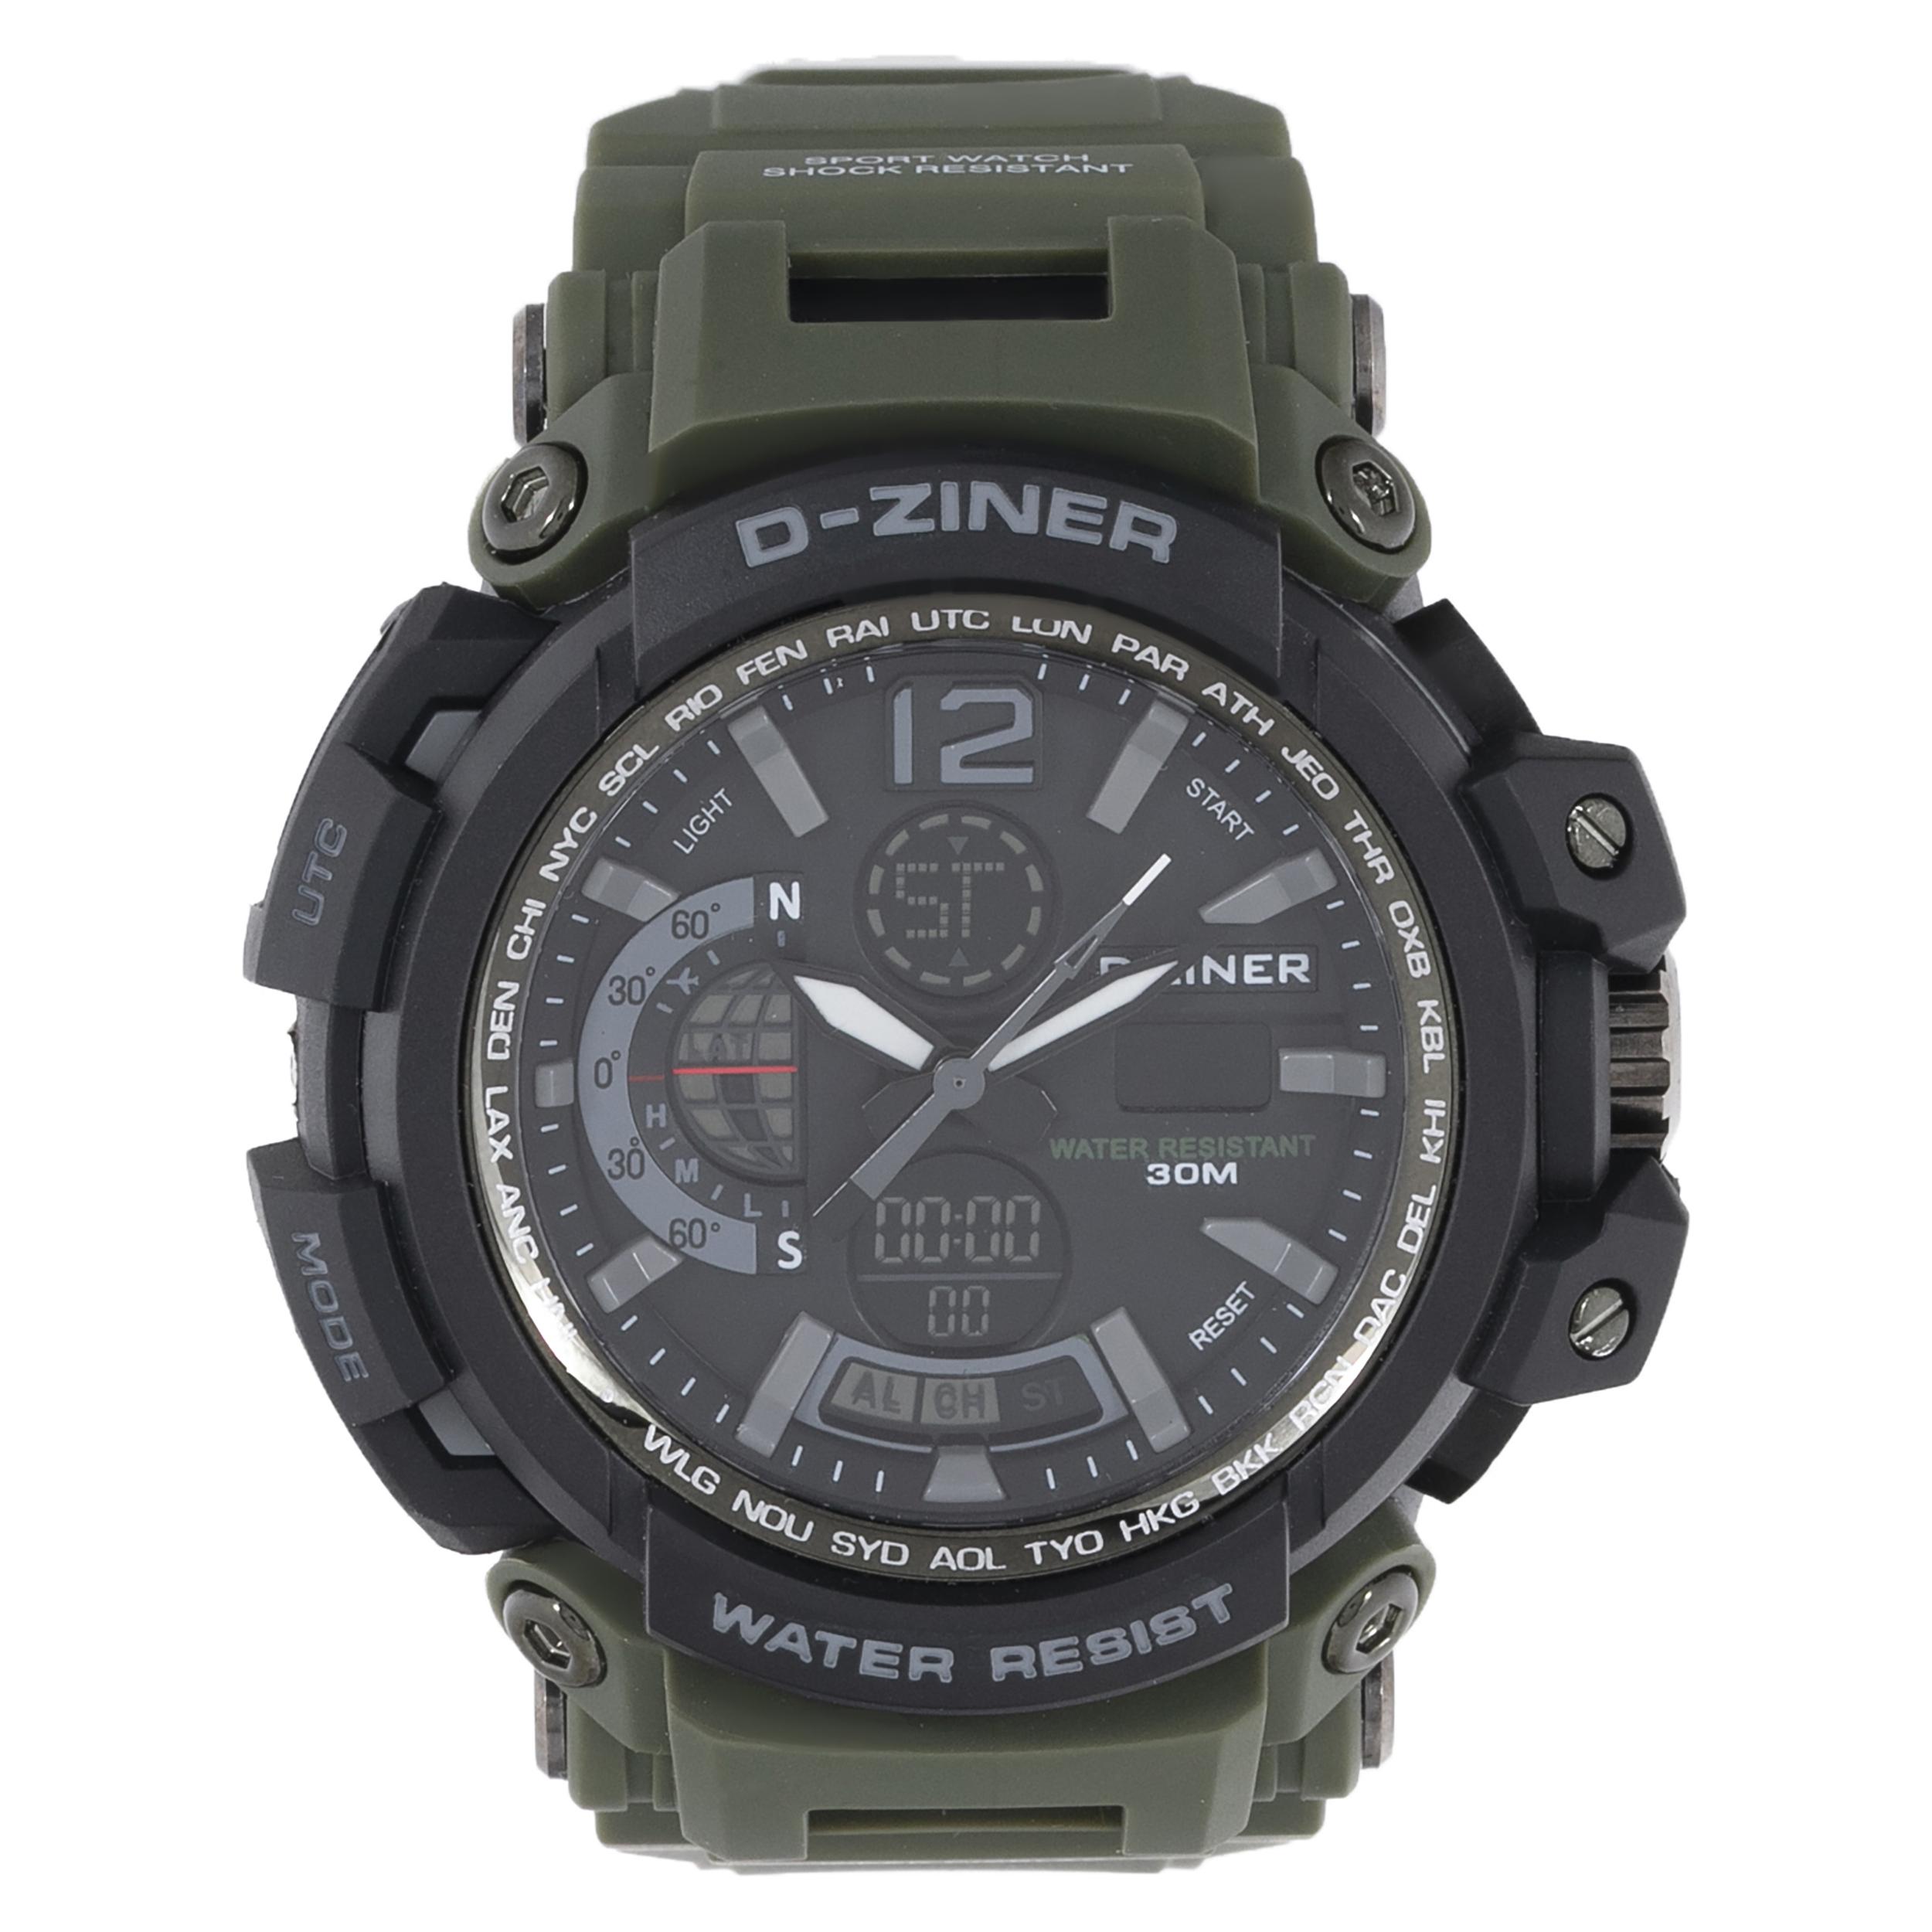 ساعت مچی عقربه ای مردانه دیزاینر مدل D-Z7009 45